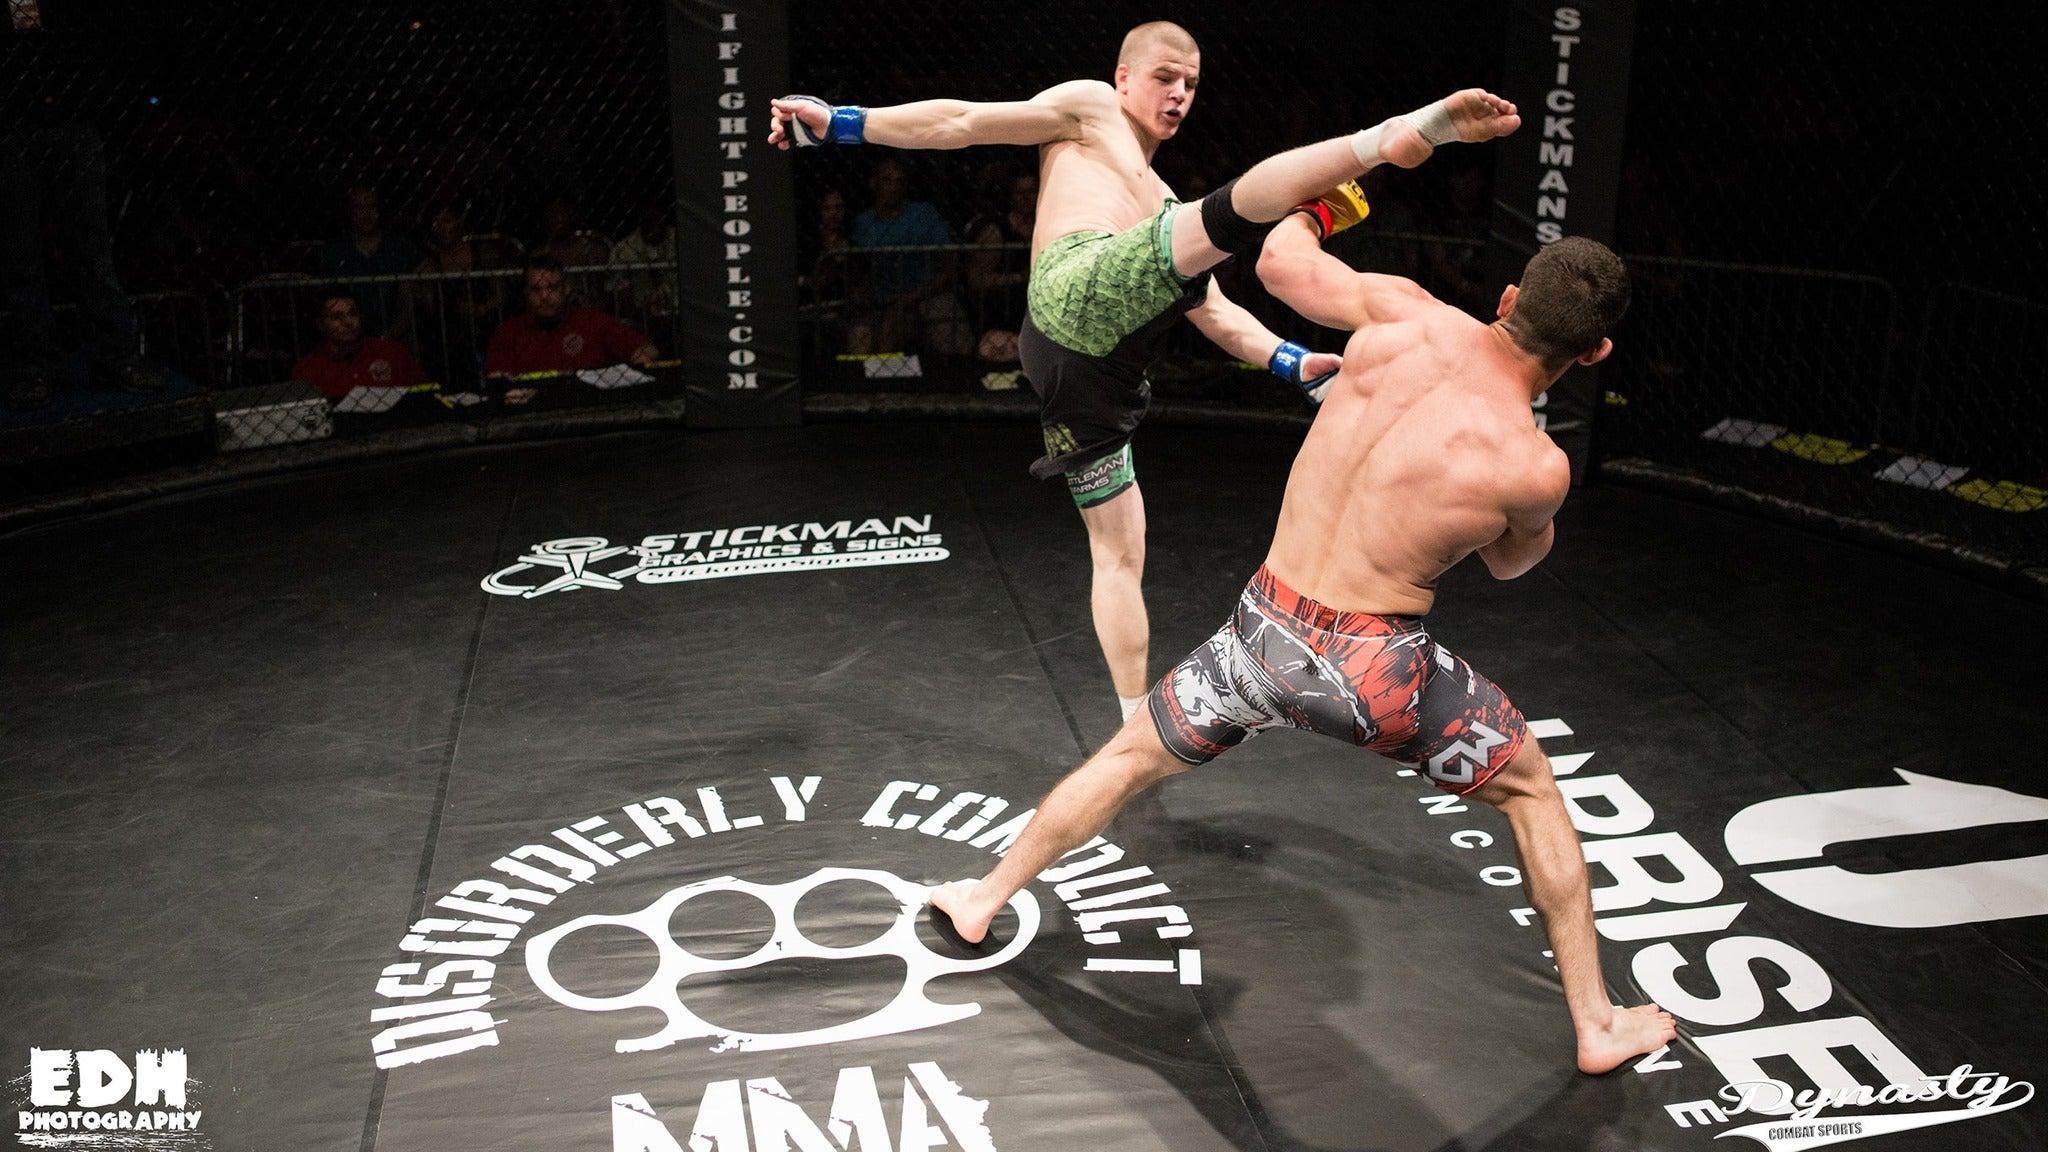 Dynasty Combat Sports at Pinnacle Bank Arena